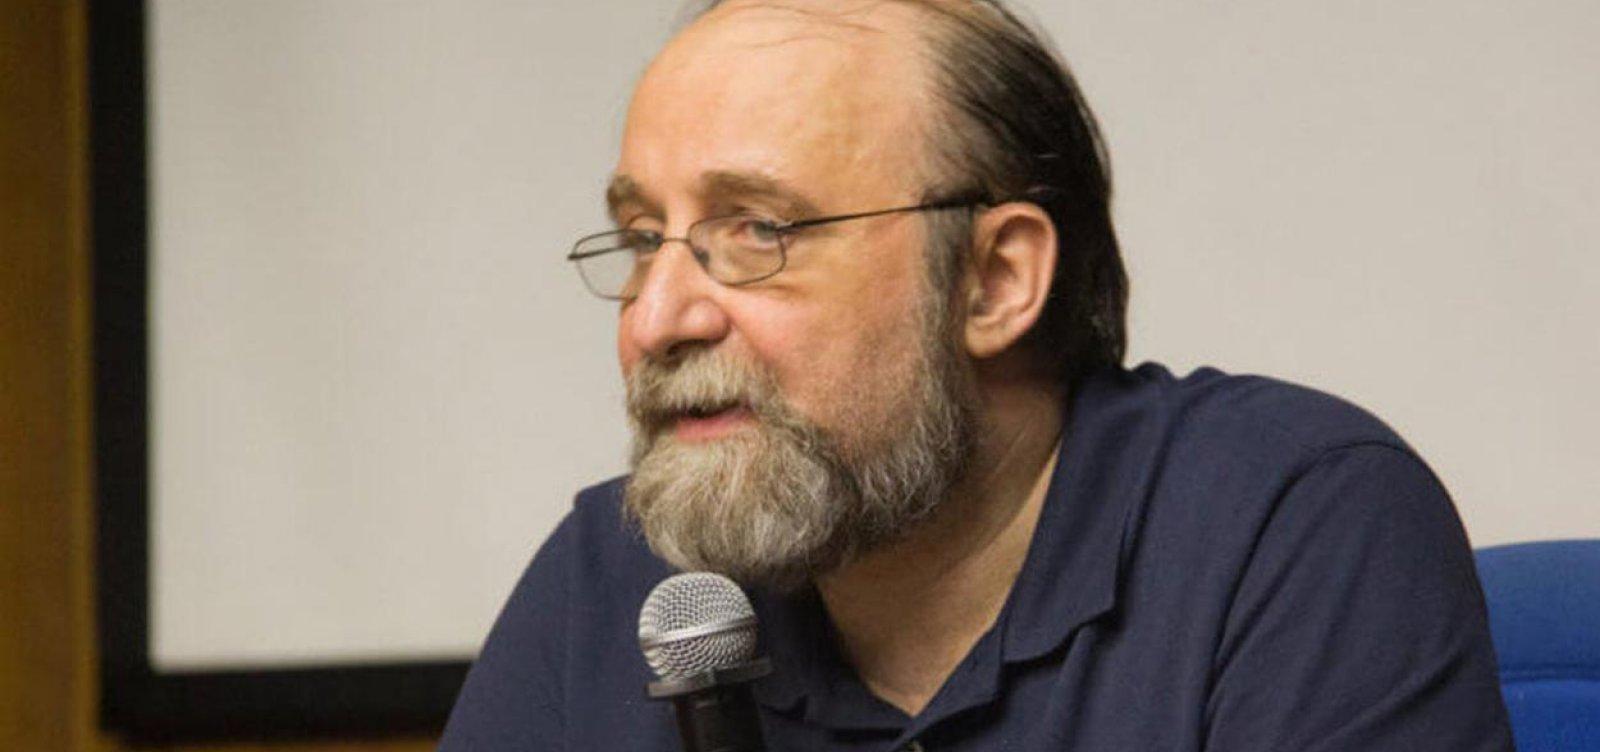 Após insatisfação com governos, Miguel Nicolelis deixa comitê científico do Nordeste